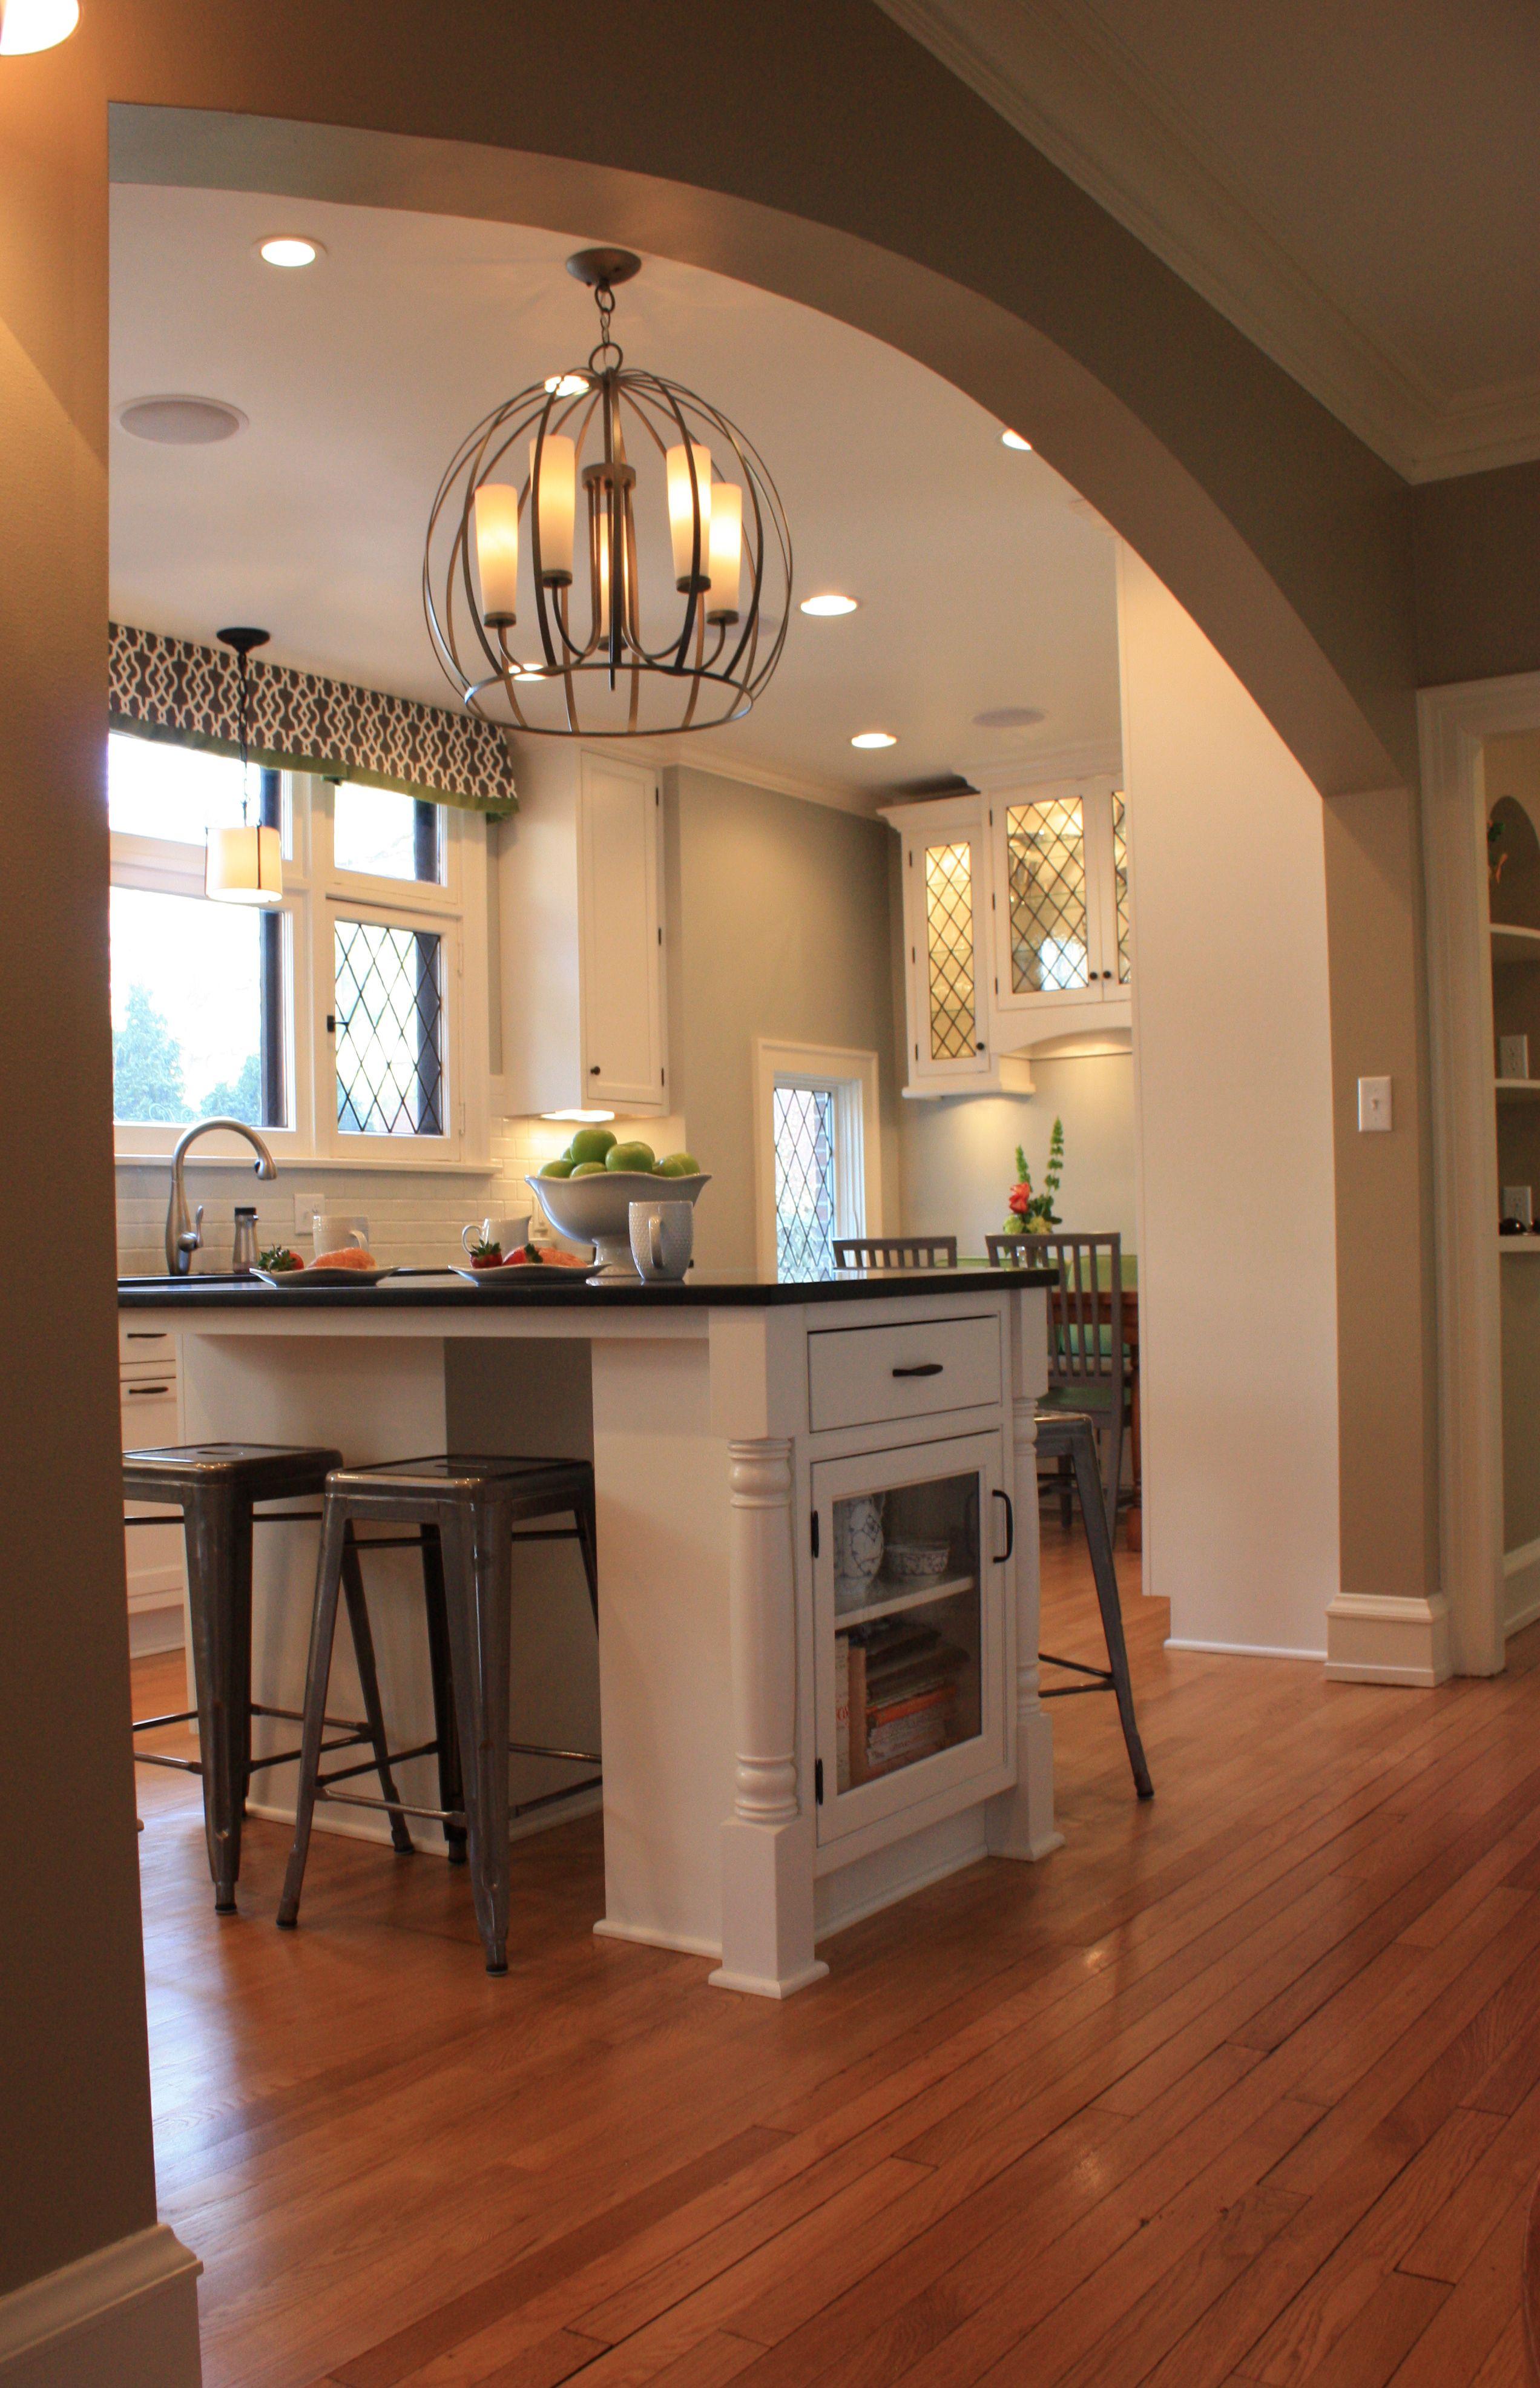 Kitchen Remodel by Matthew Krier of Design Group Three ...